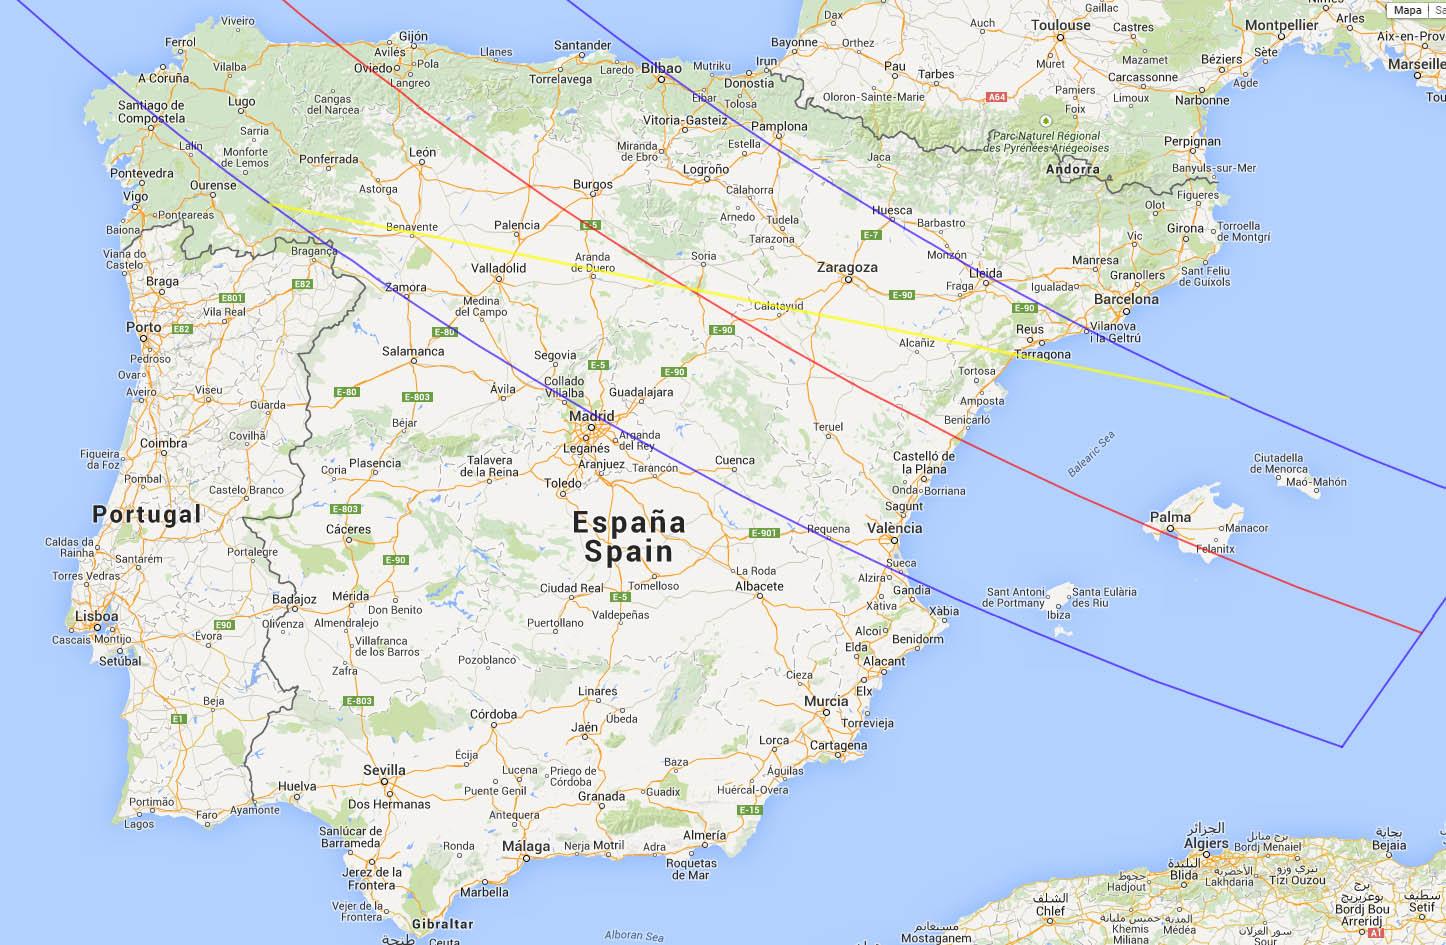 Eclipse-12-agosto-2026.jpg.c7b36fdf8ad3455e77a35180b418dd84.jpg